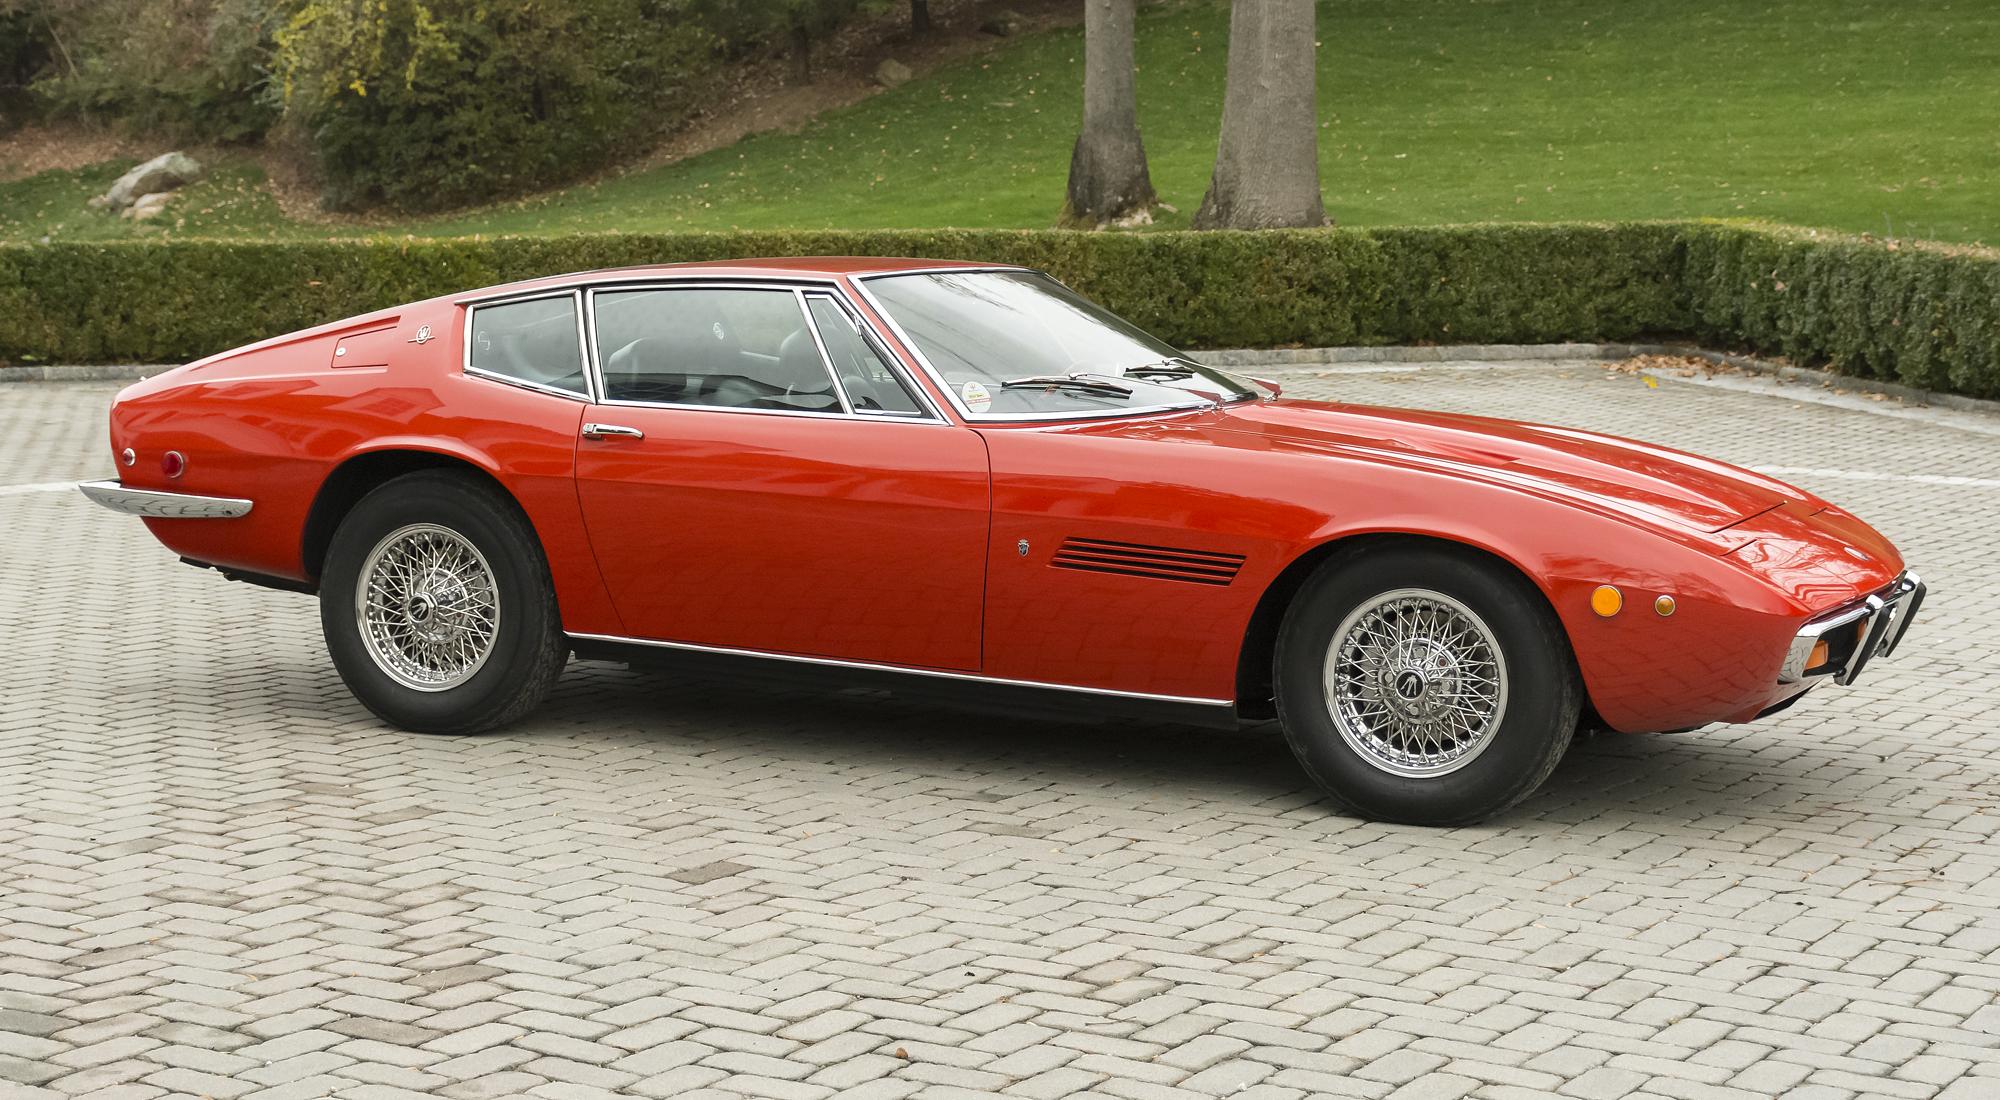 Maserati Ghibli SS 1972 - SPRZEDANE - Giełda klasyków